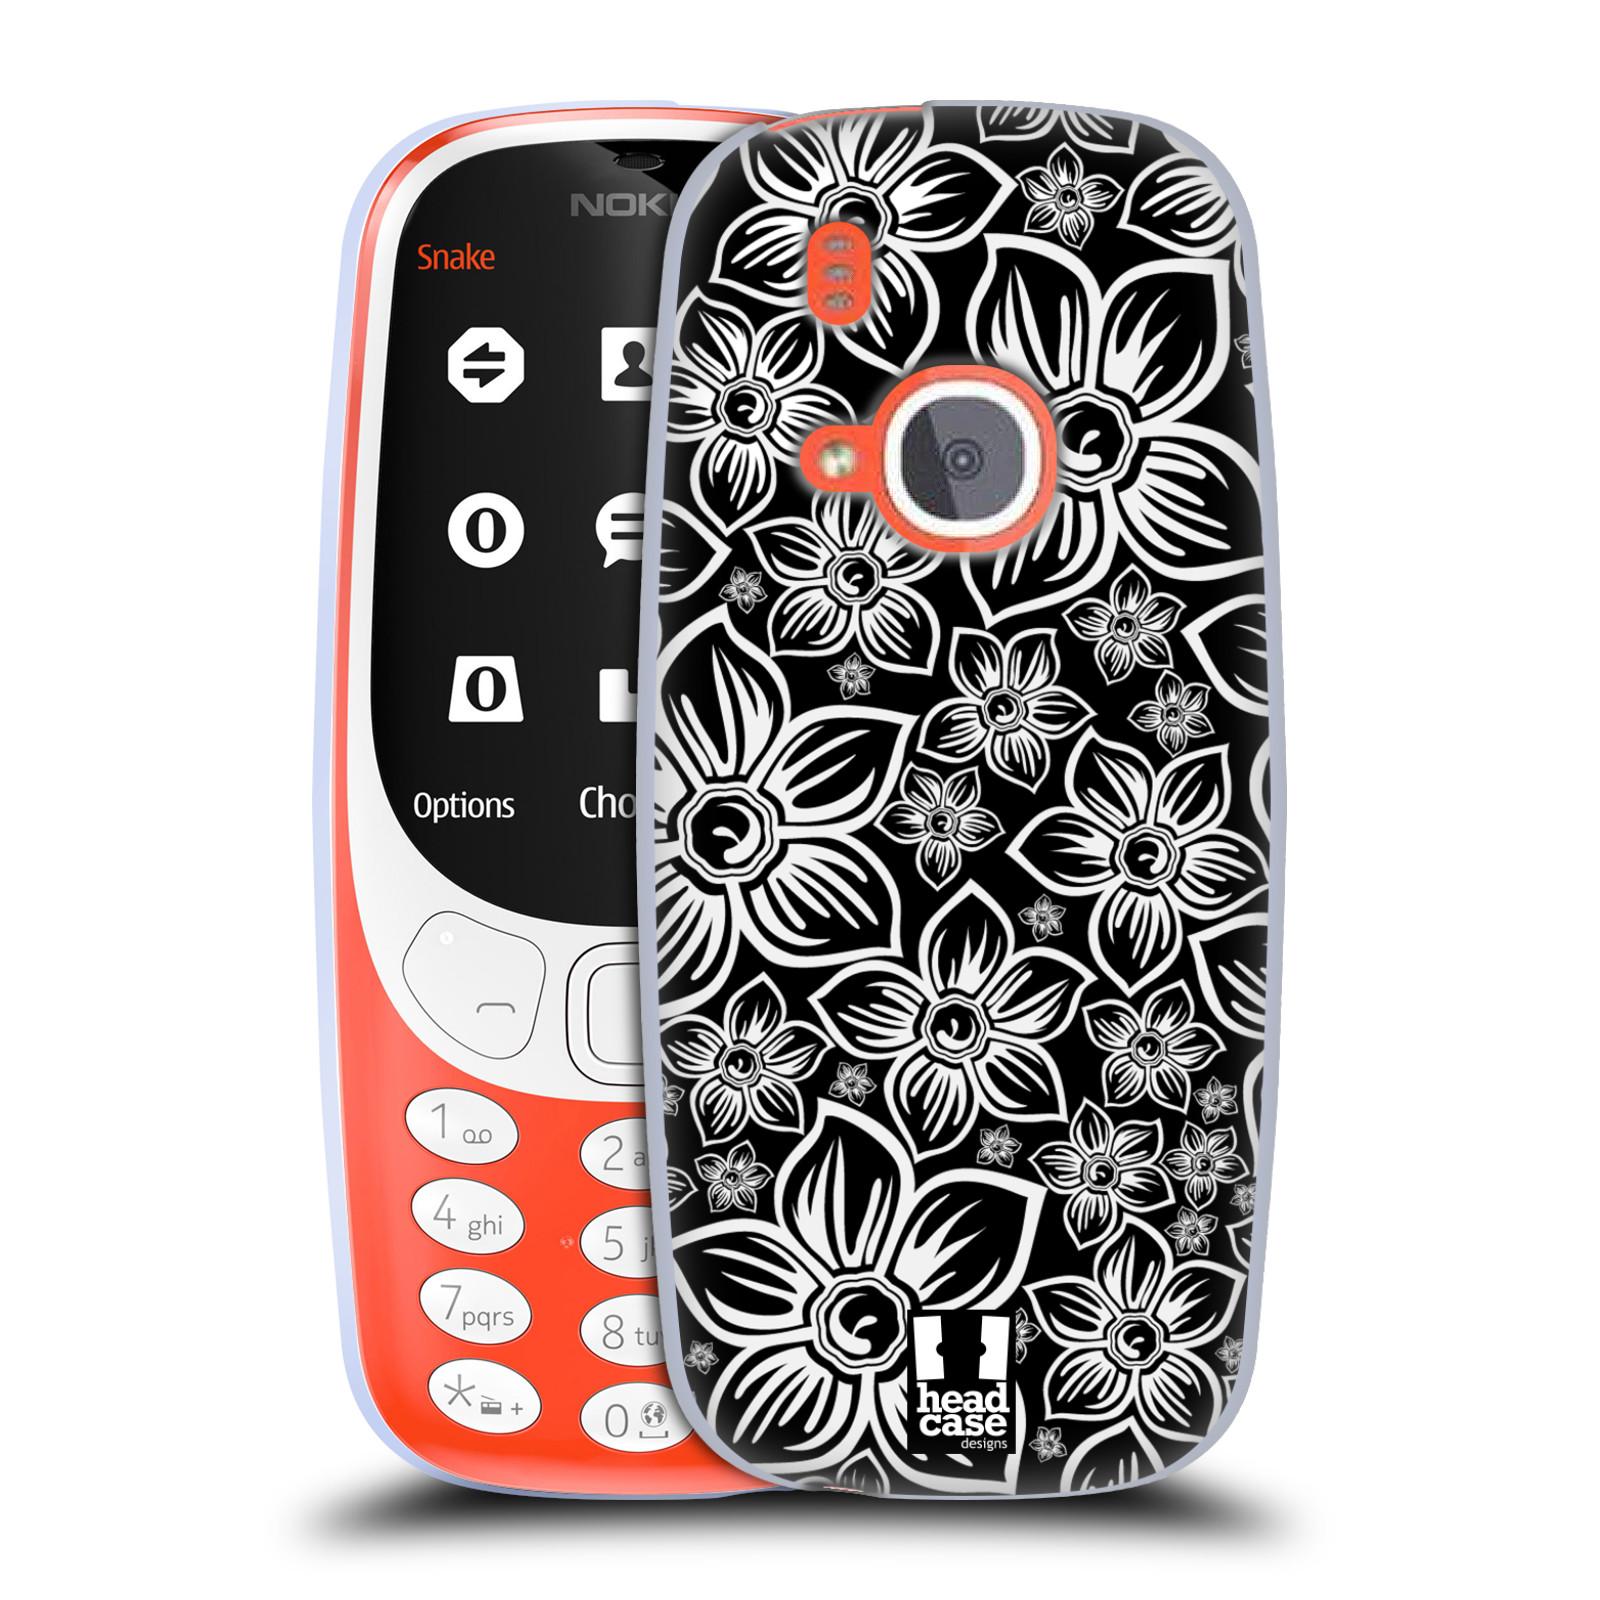 Silikonové pouzdro na mobil Nokia 3310 - Head Case - FLORAL DAISY